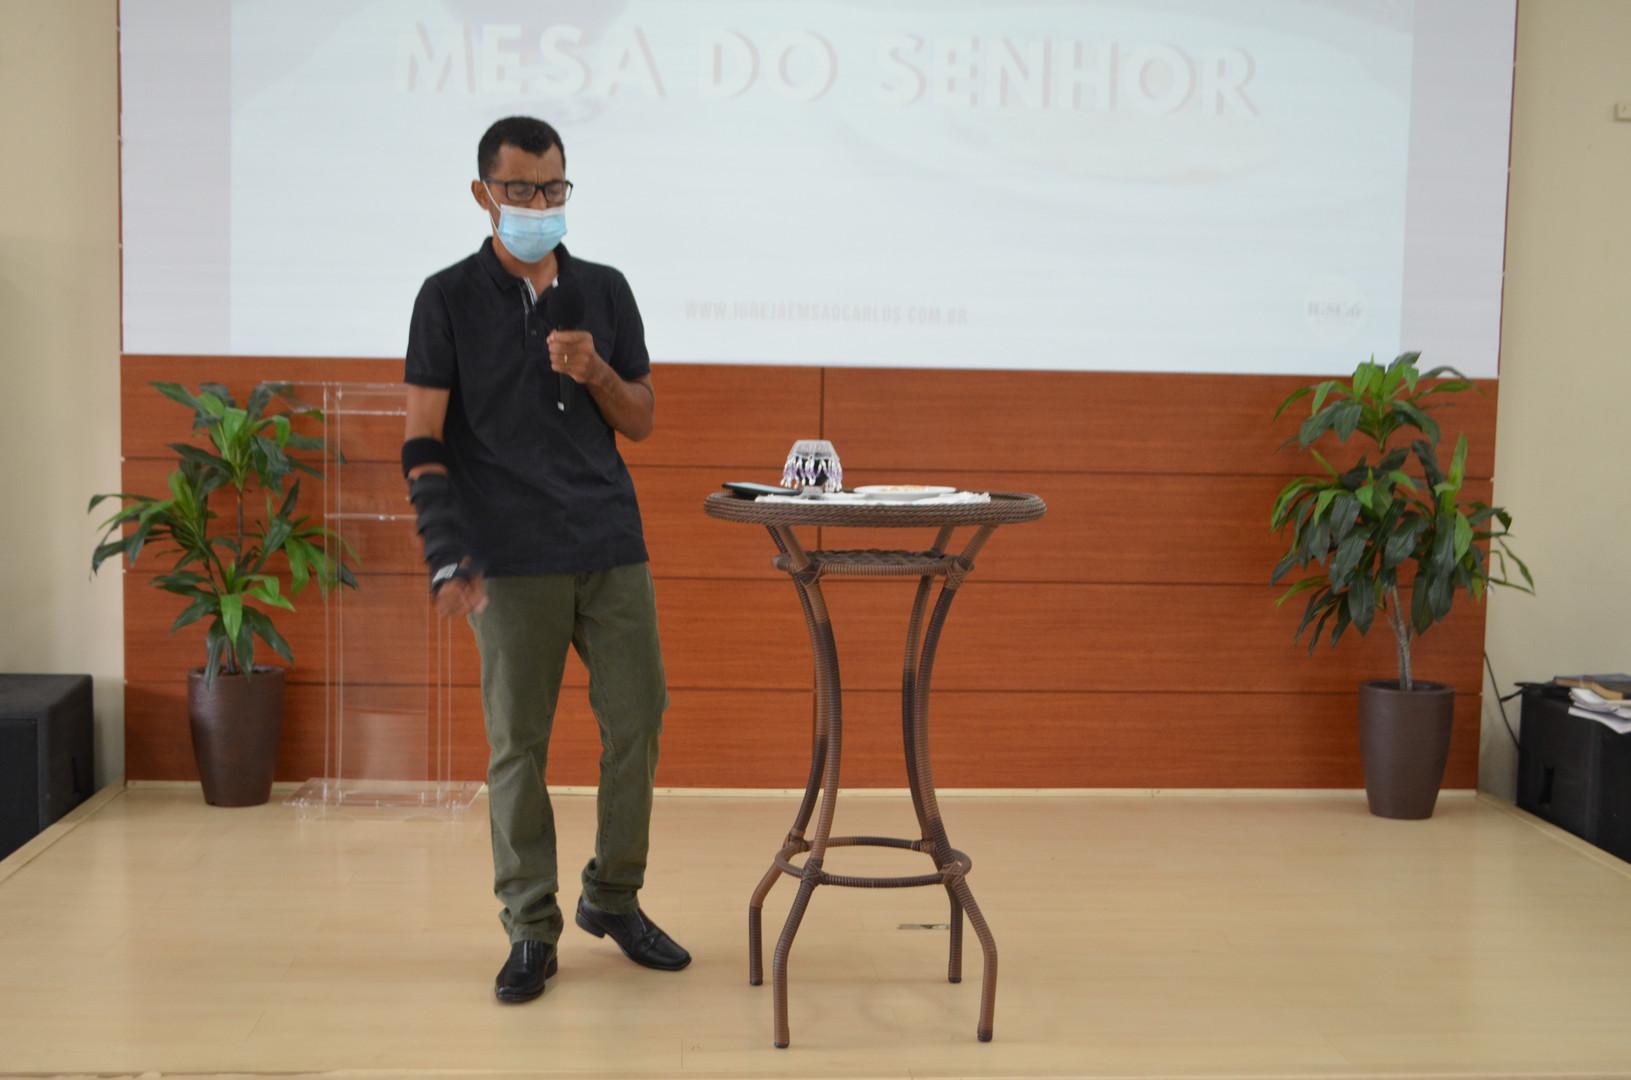 Primeira Reuinão - MESA DO SENHOR